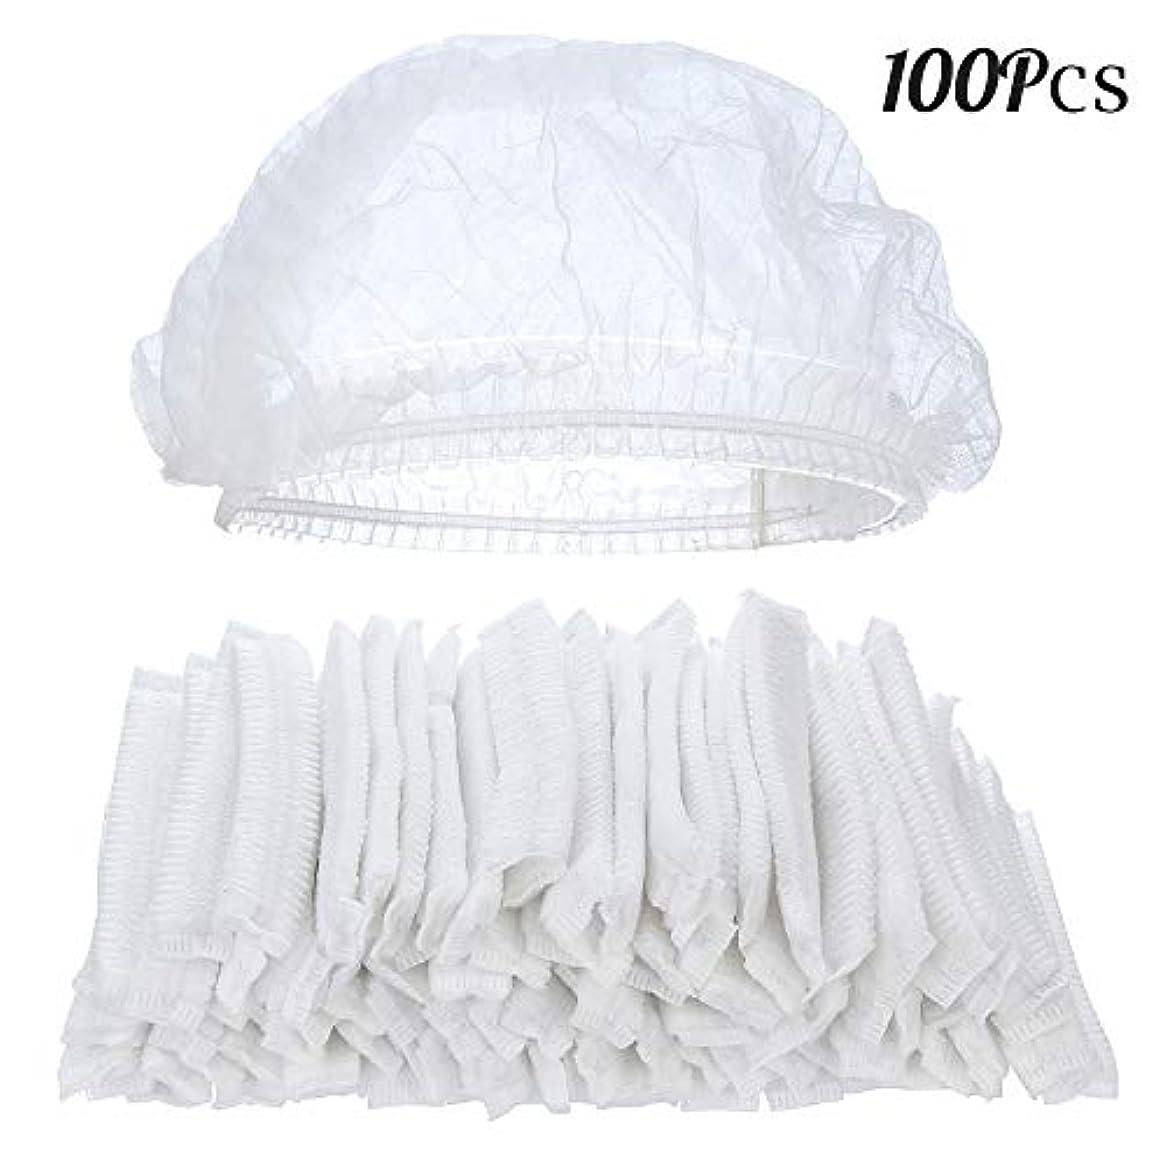 形容詞大西洋黒くする100ピースクリア使い捨てプラスチックシャワーキャップ大きな弾性厚いバスキャップ用女性スパ、家庭用、ホテルおよび美容院